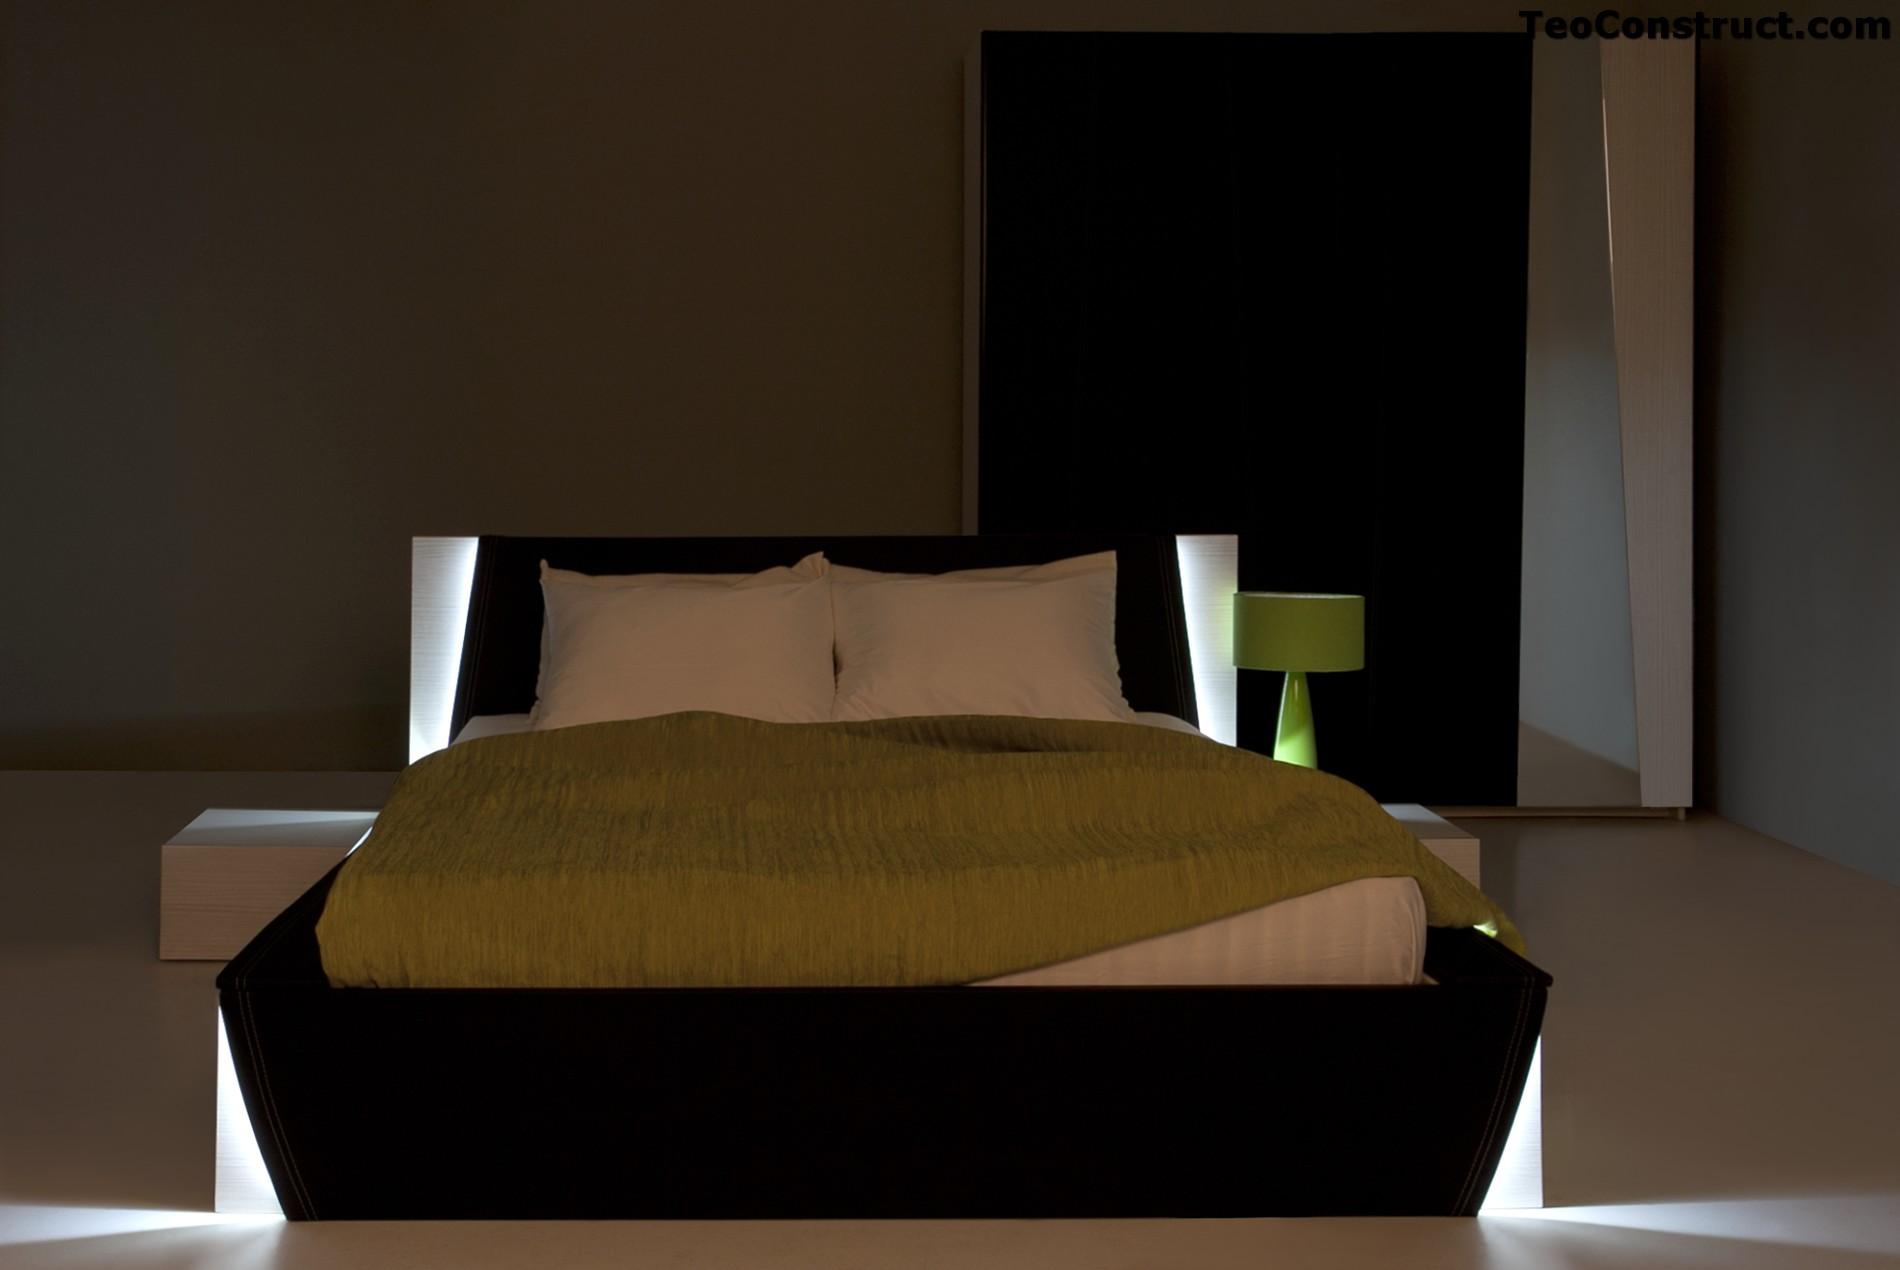 Dormitor Ecstasy de calitate02